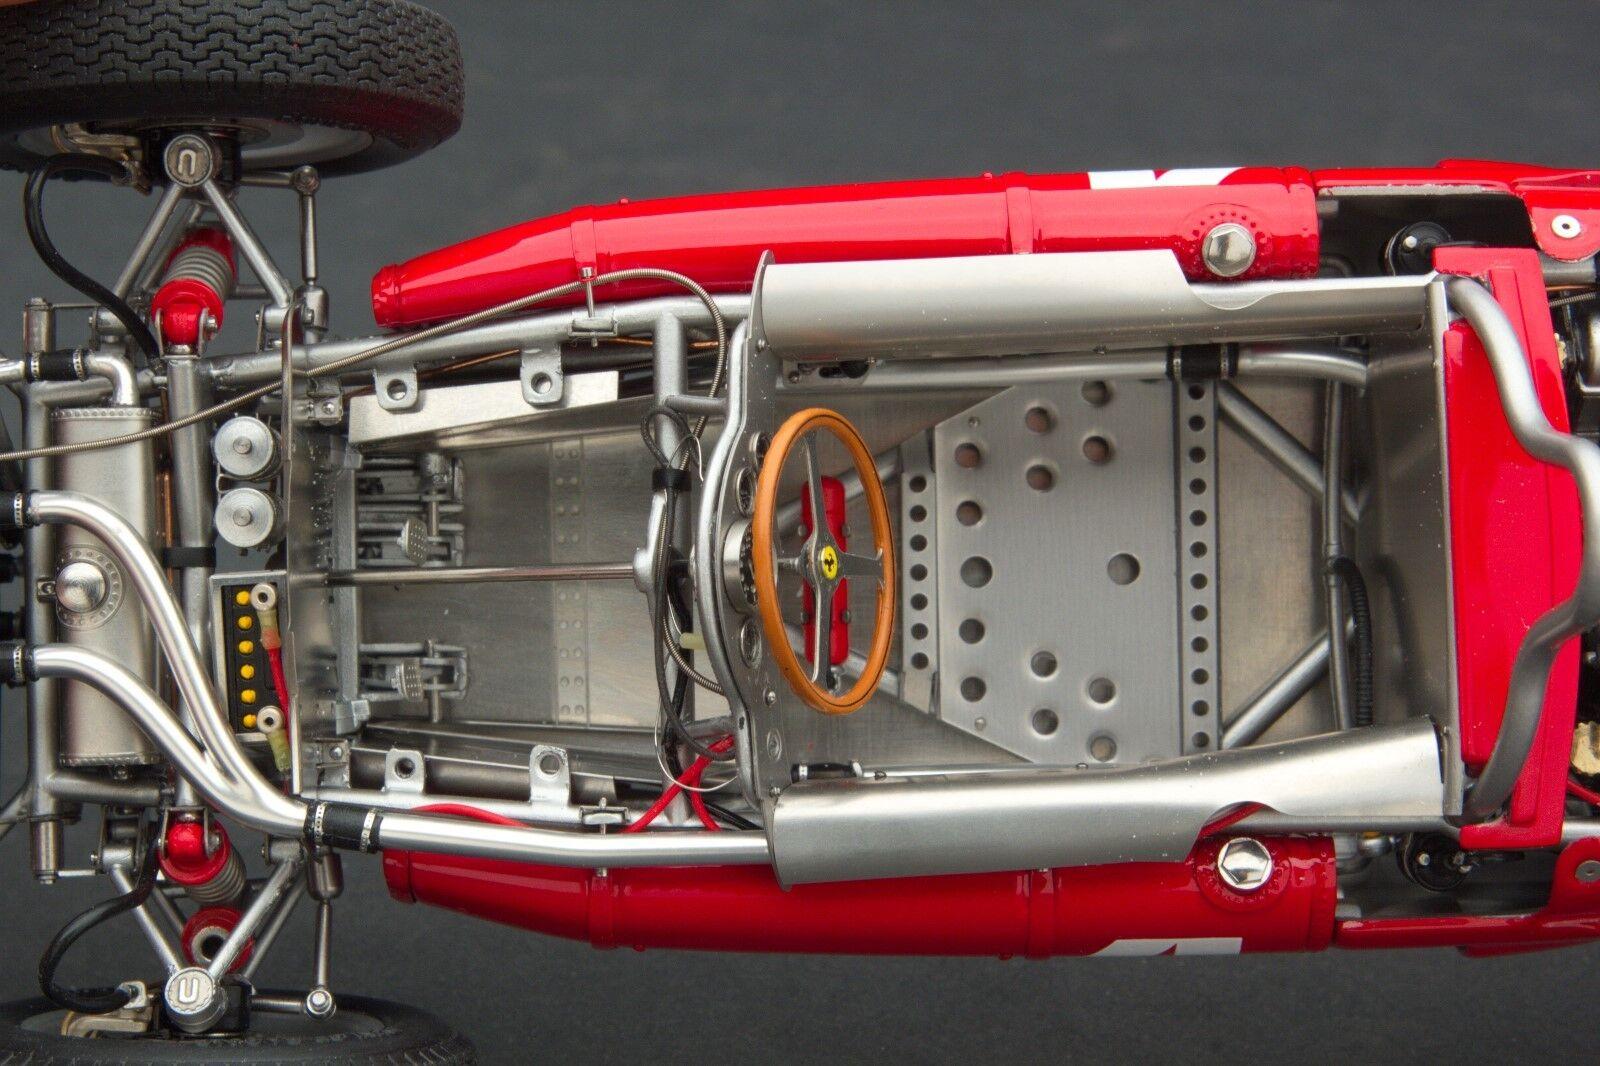 Exoto XS 1 18 1961 Ferrari Dino 156 120 F1 Spa Von Accord sur les Adpic